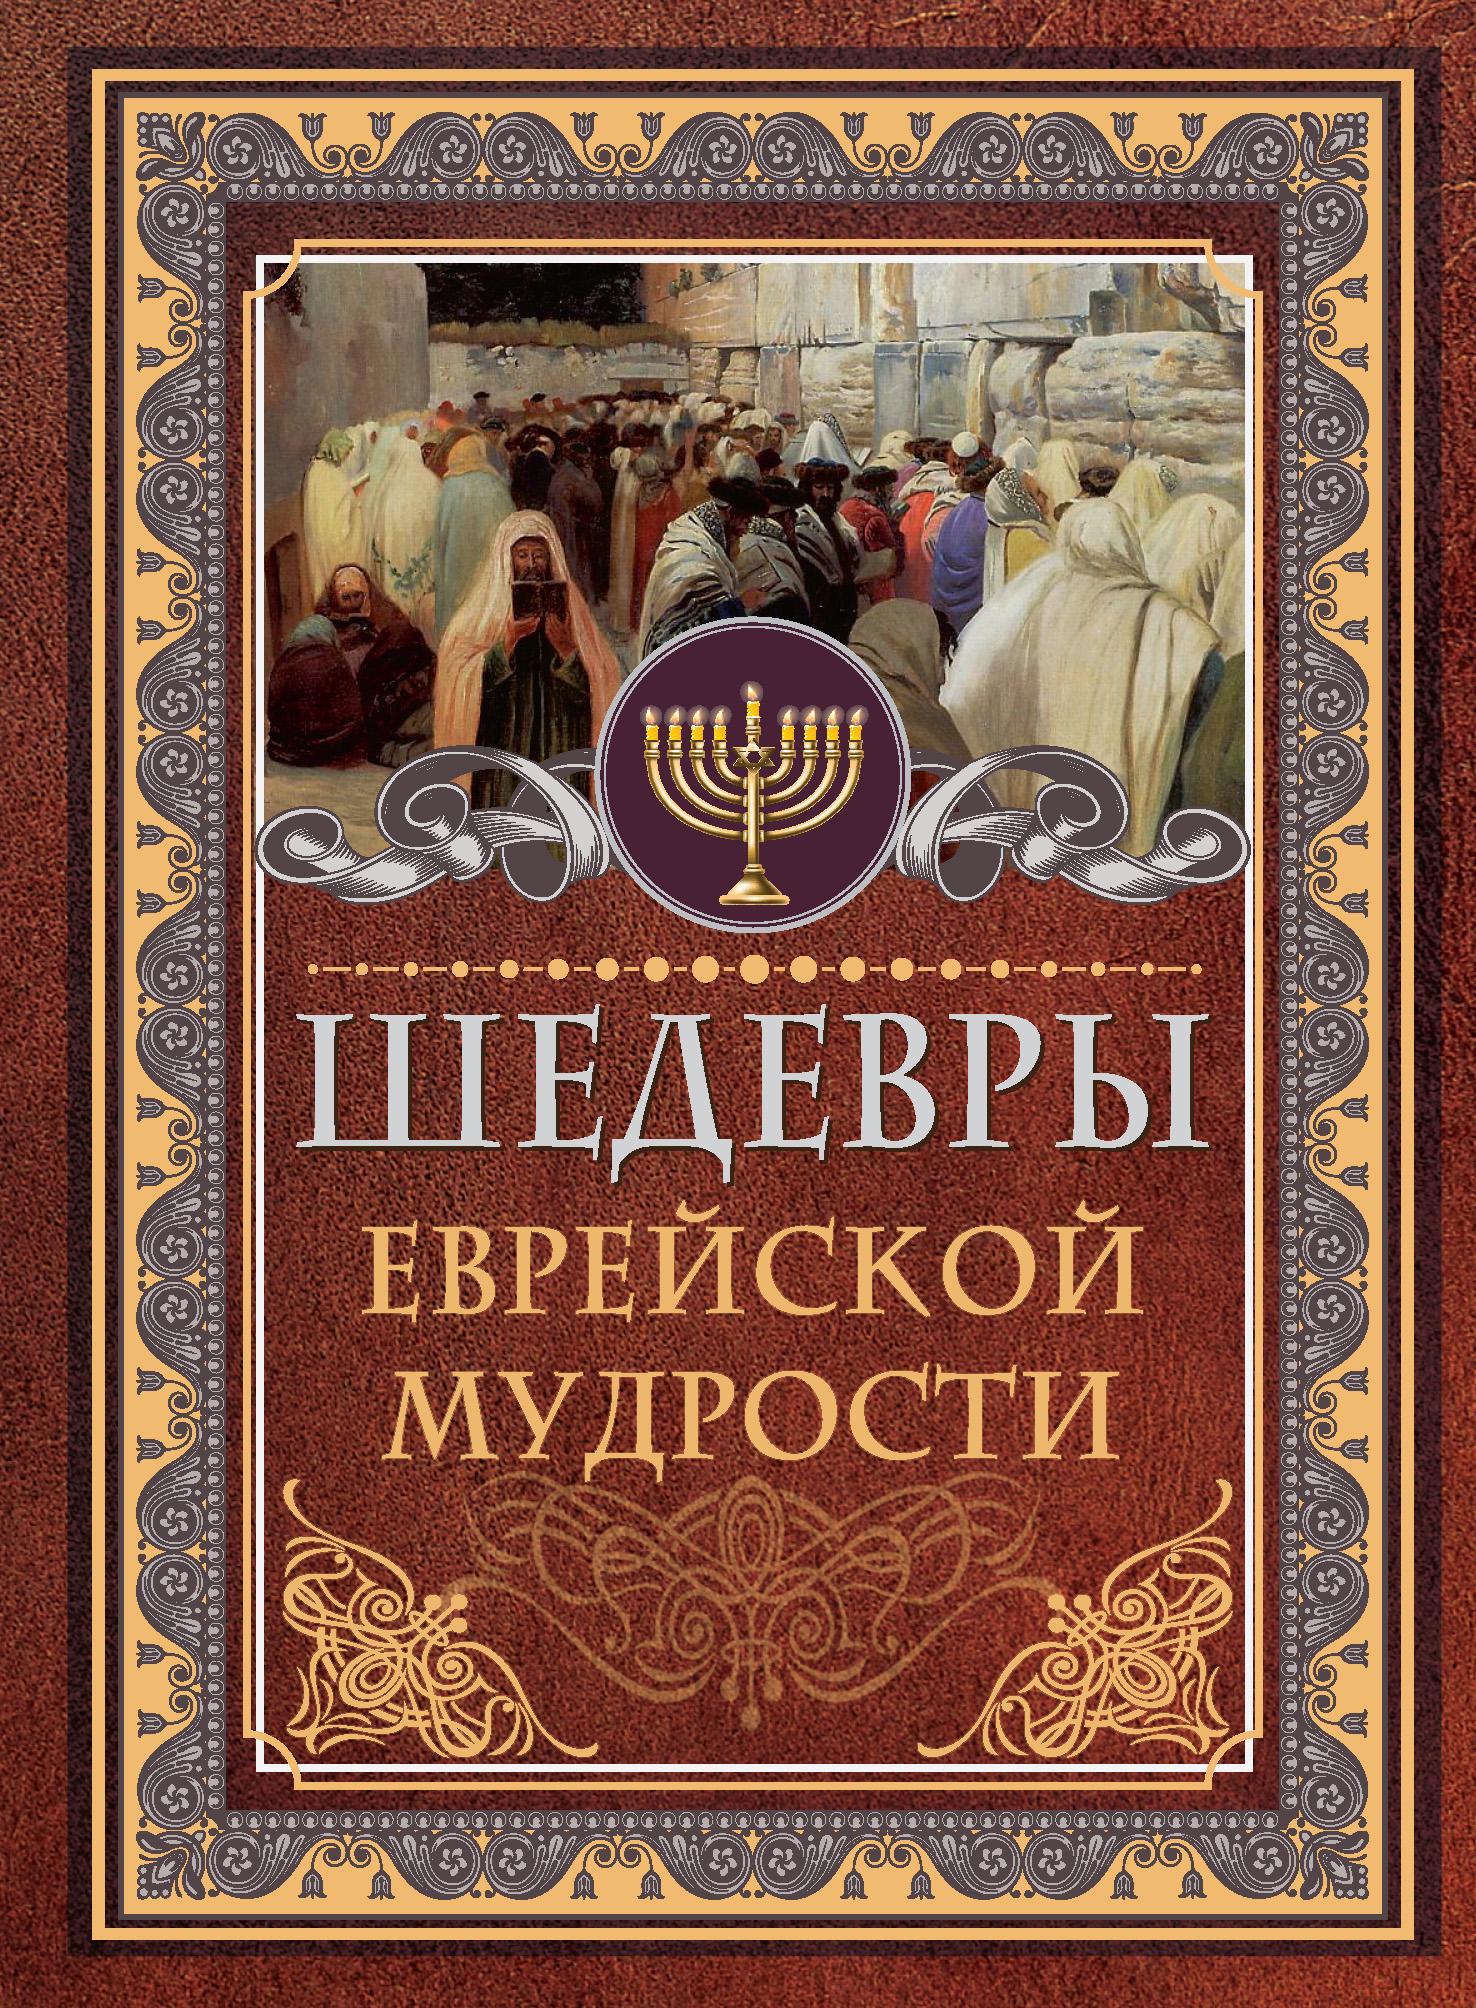 Исраэль Ашкенази Шедевры еврейской мудрости